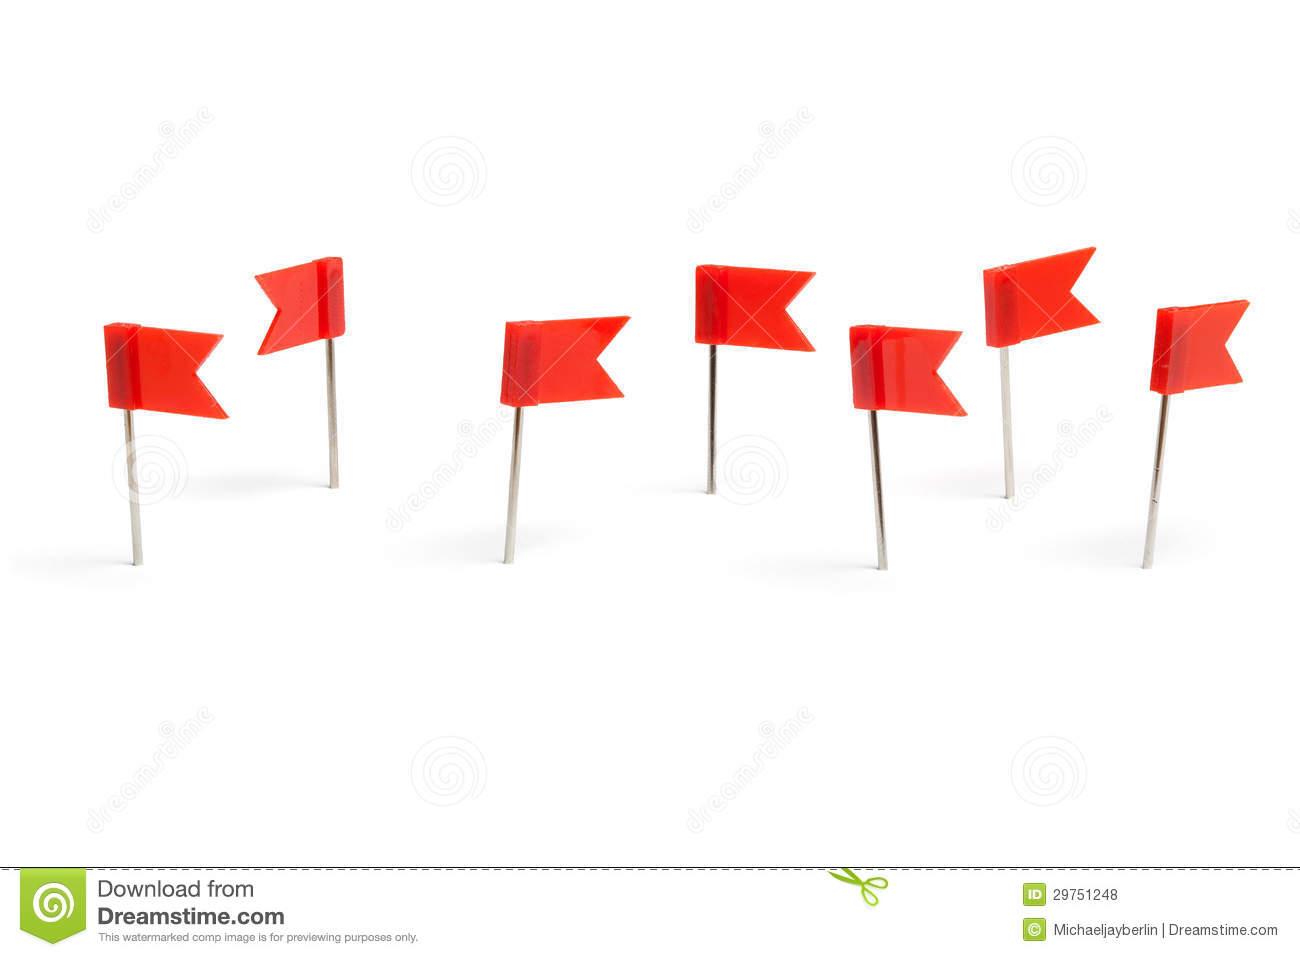 inboud_red_flags